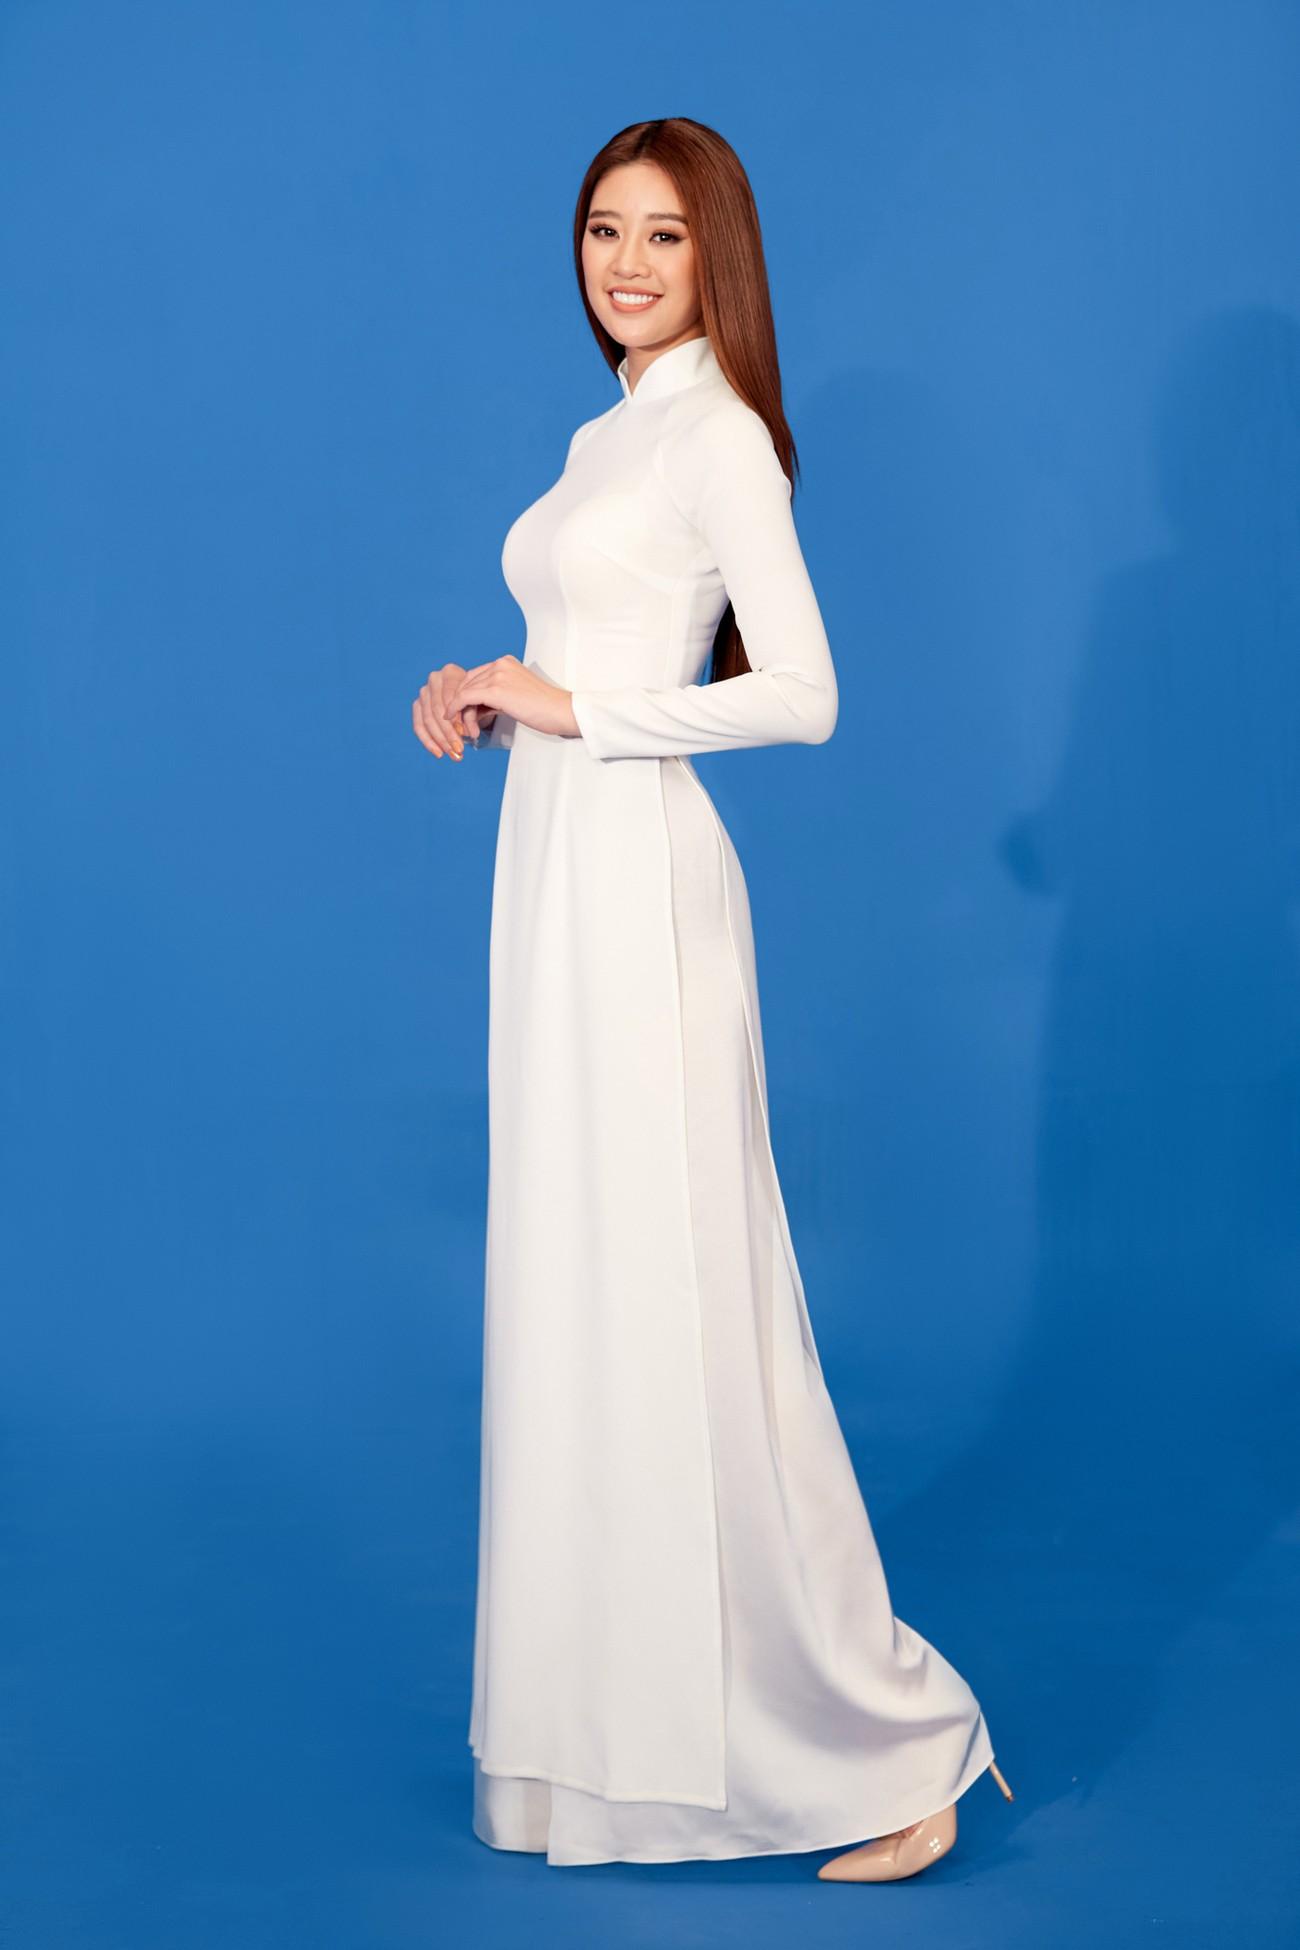 Khánh Vân 'chơi trội' với 5 lay-out nổi bật, quyết tâm 'gây bão' tại Miss Universe 2021 ảnh 5